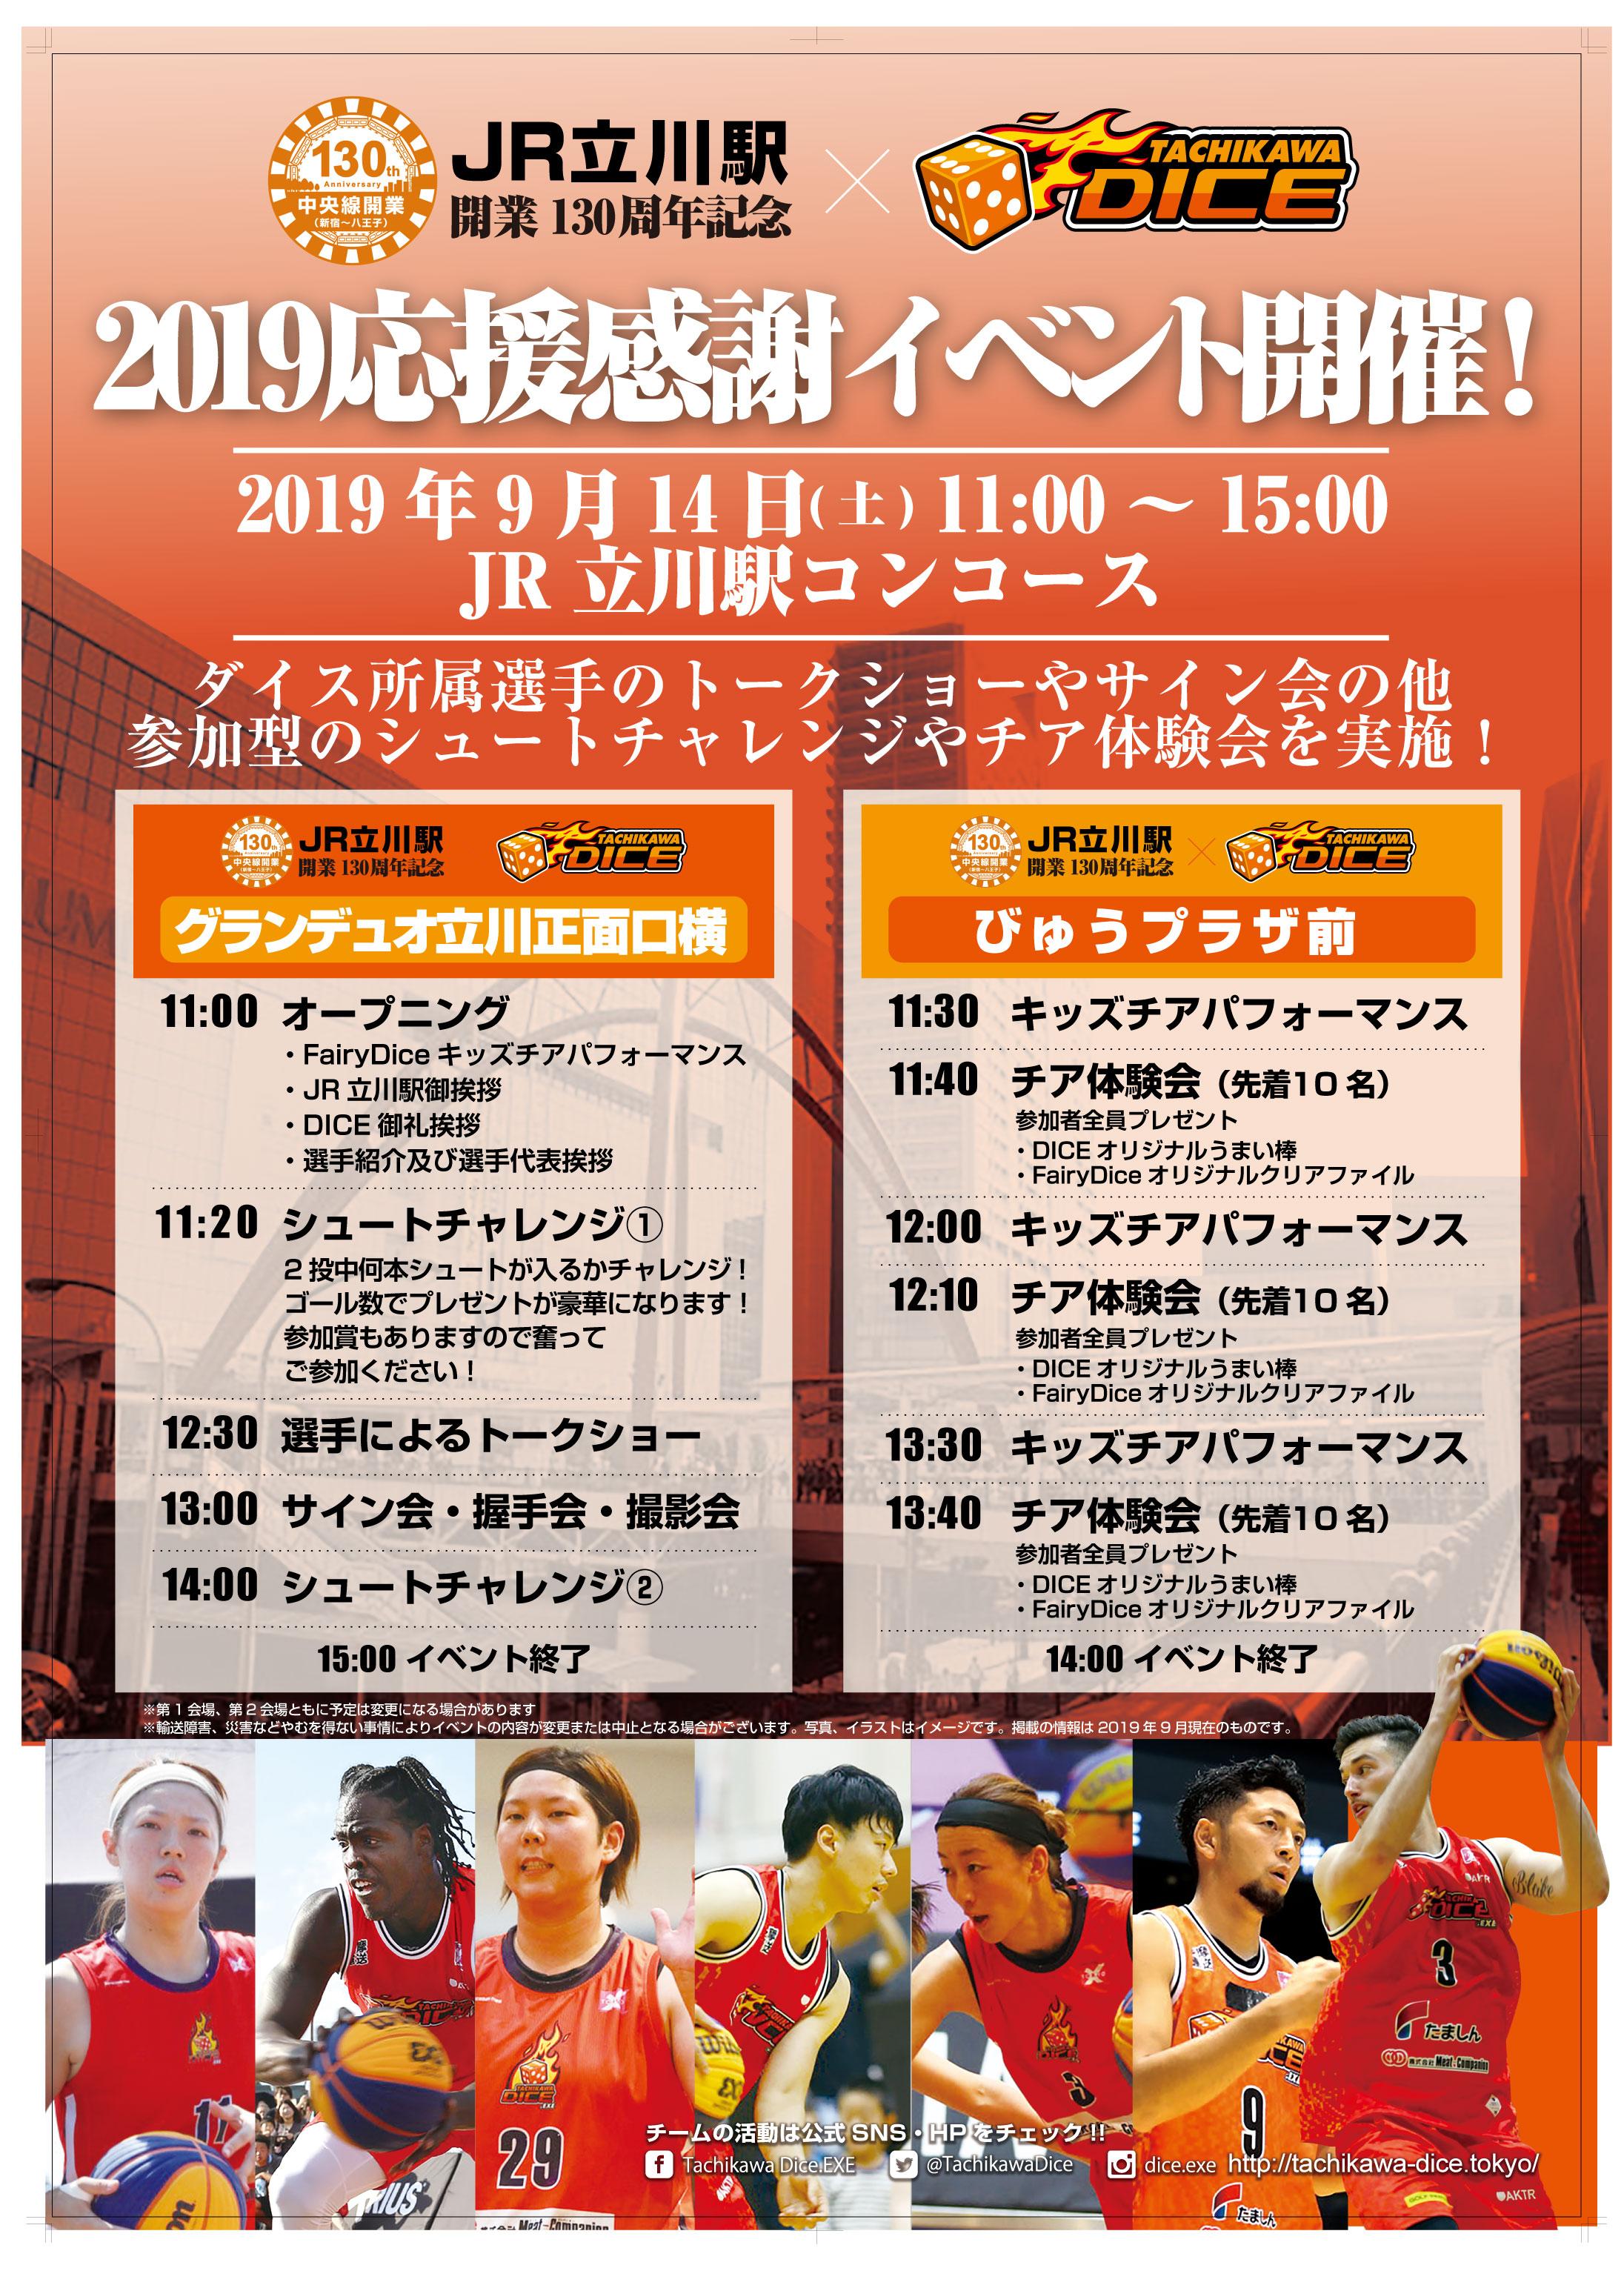 JR立川駅✕TACHIKAWA DICE JR 立川駅開業130周年記念 TACHIKAWA DICE 2019応援感謝イベント